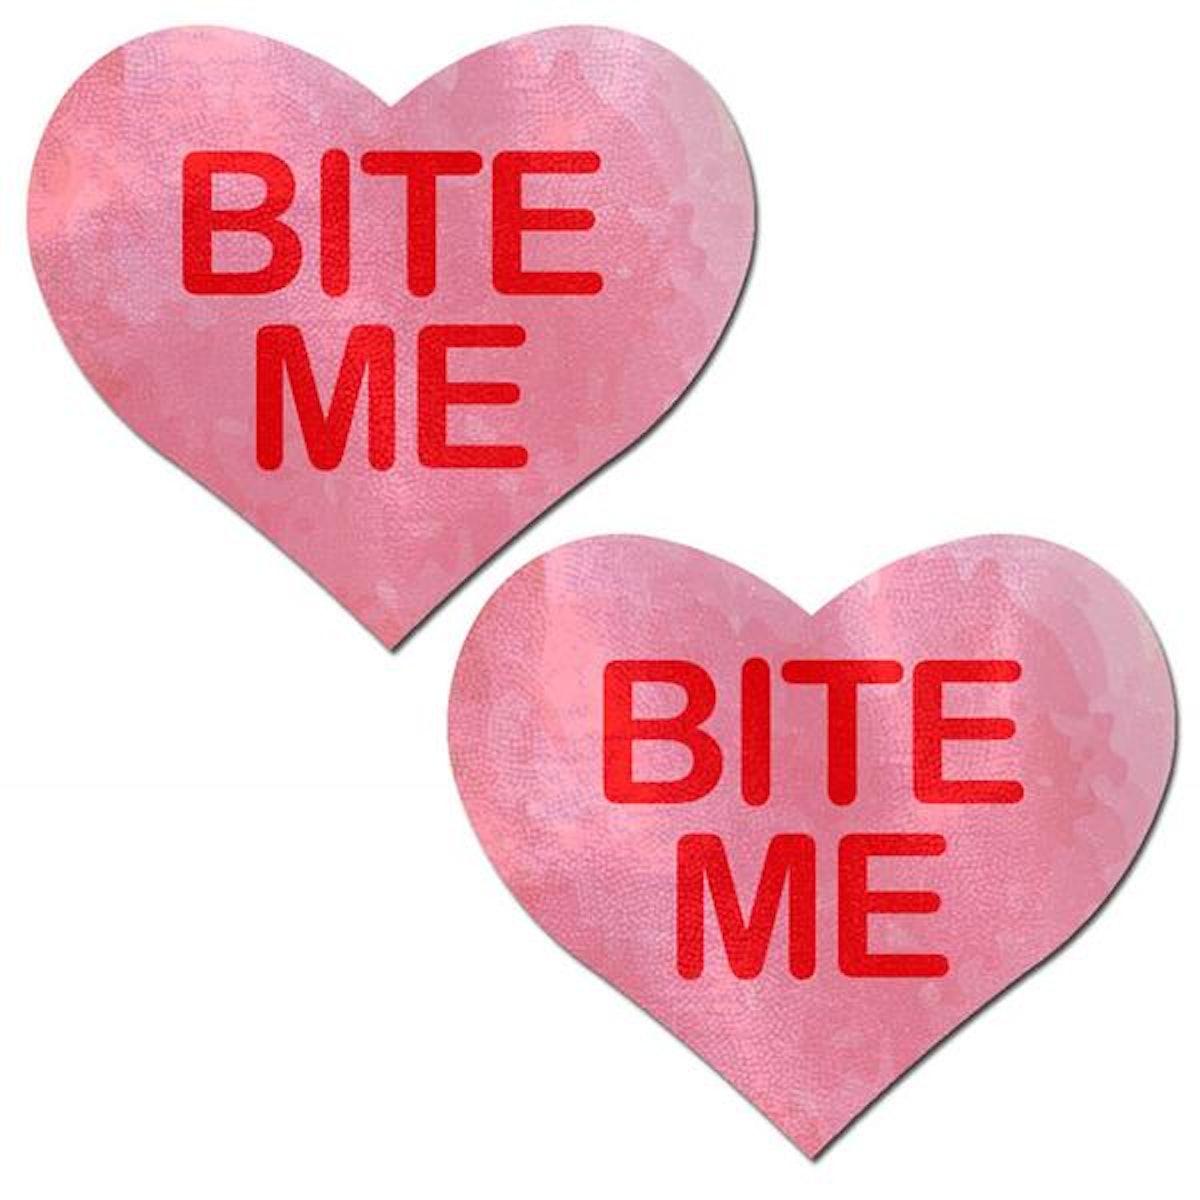 Bite Me Hearts Pasties